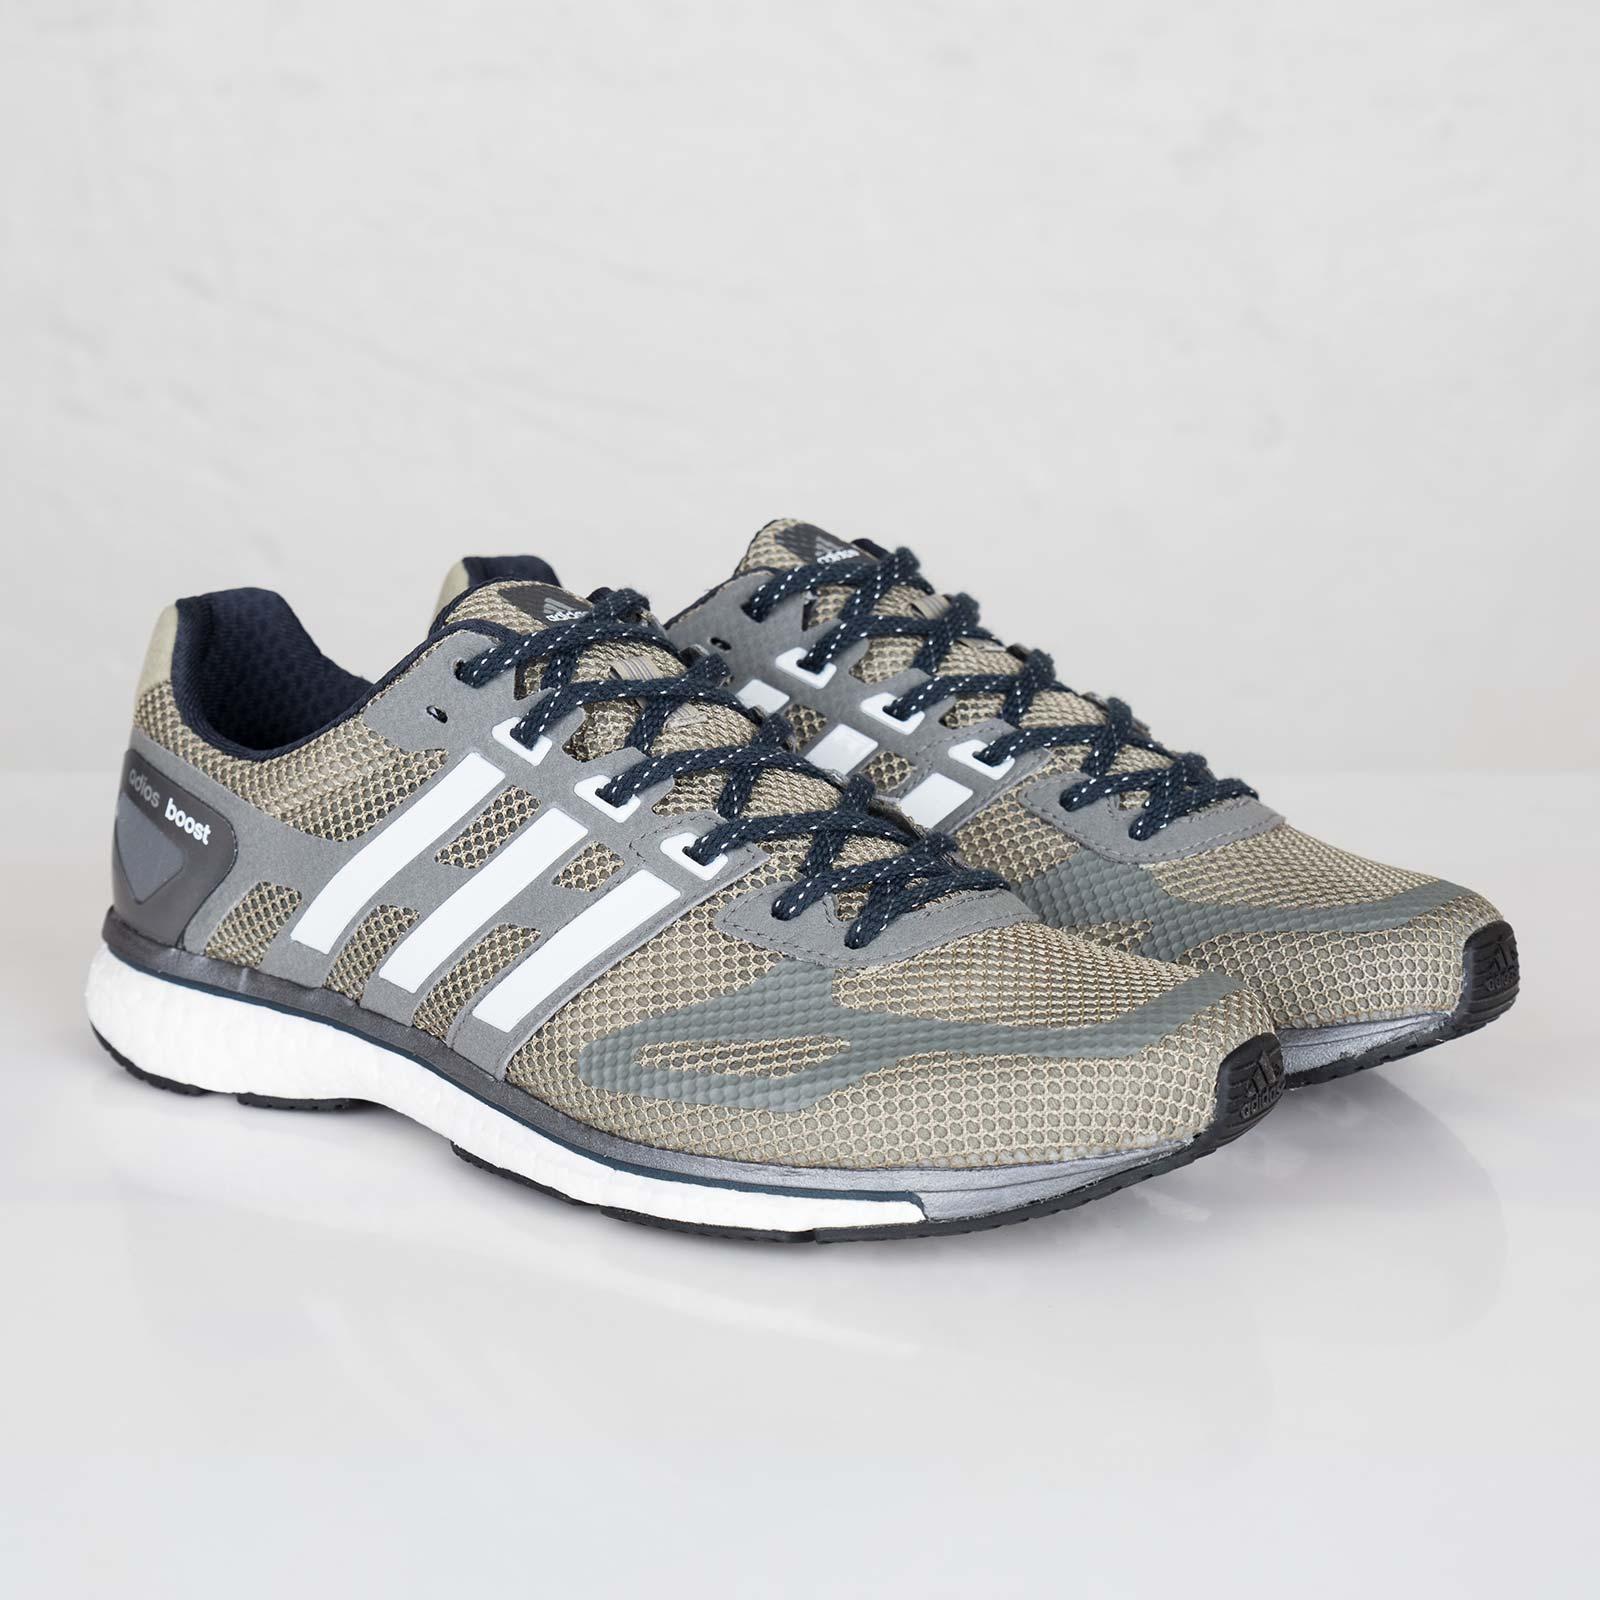 3343c31ede2 adidas adizero adios boost ltd m - D65714 - Sneakersnstuff ...